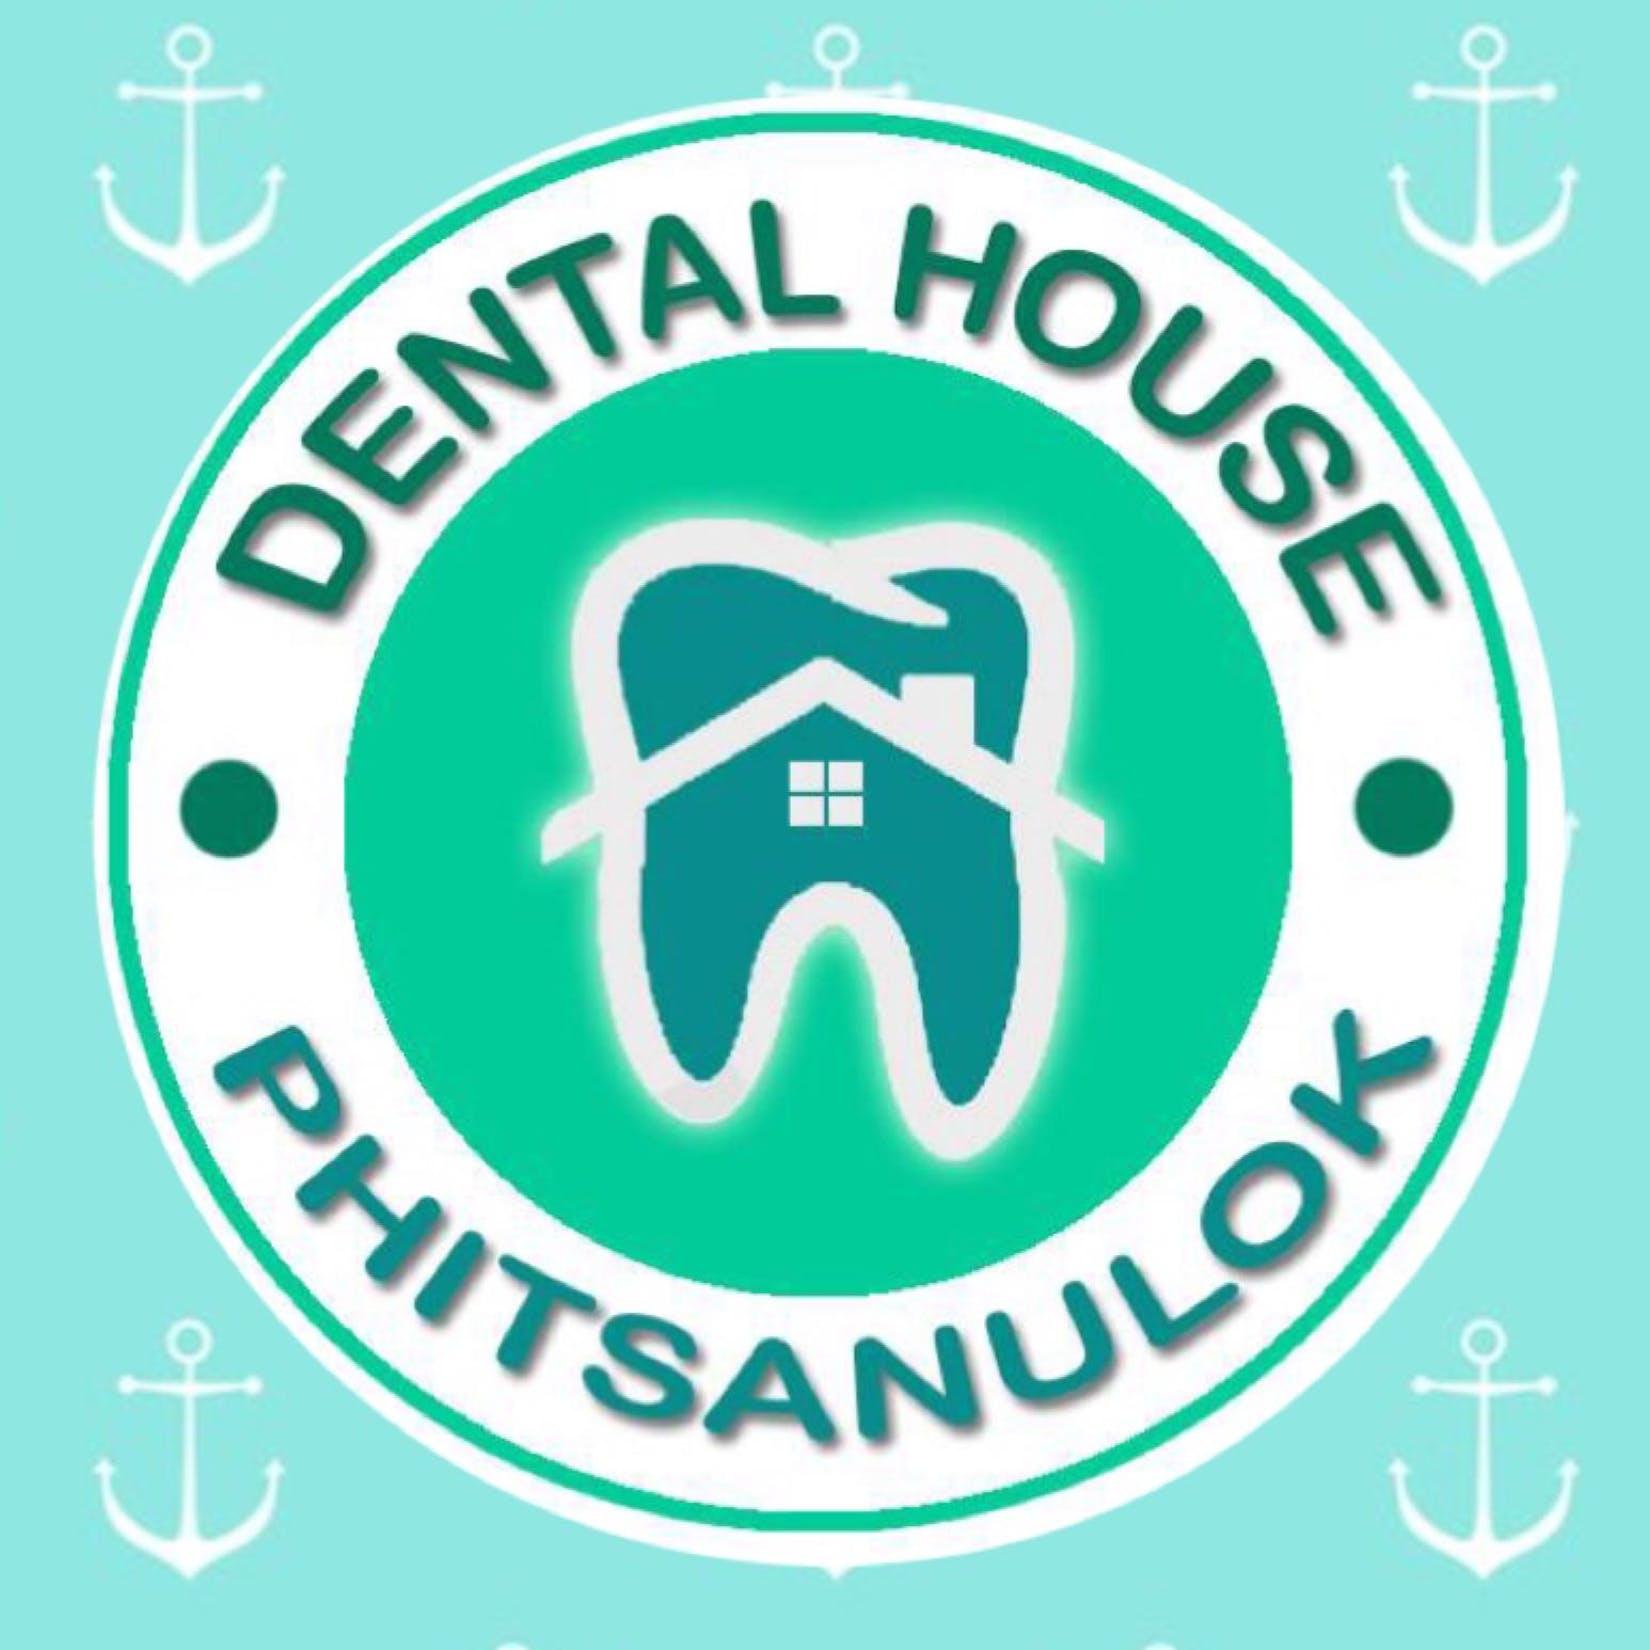 Dental house clinic   Medical